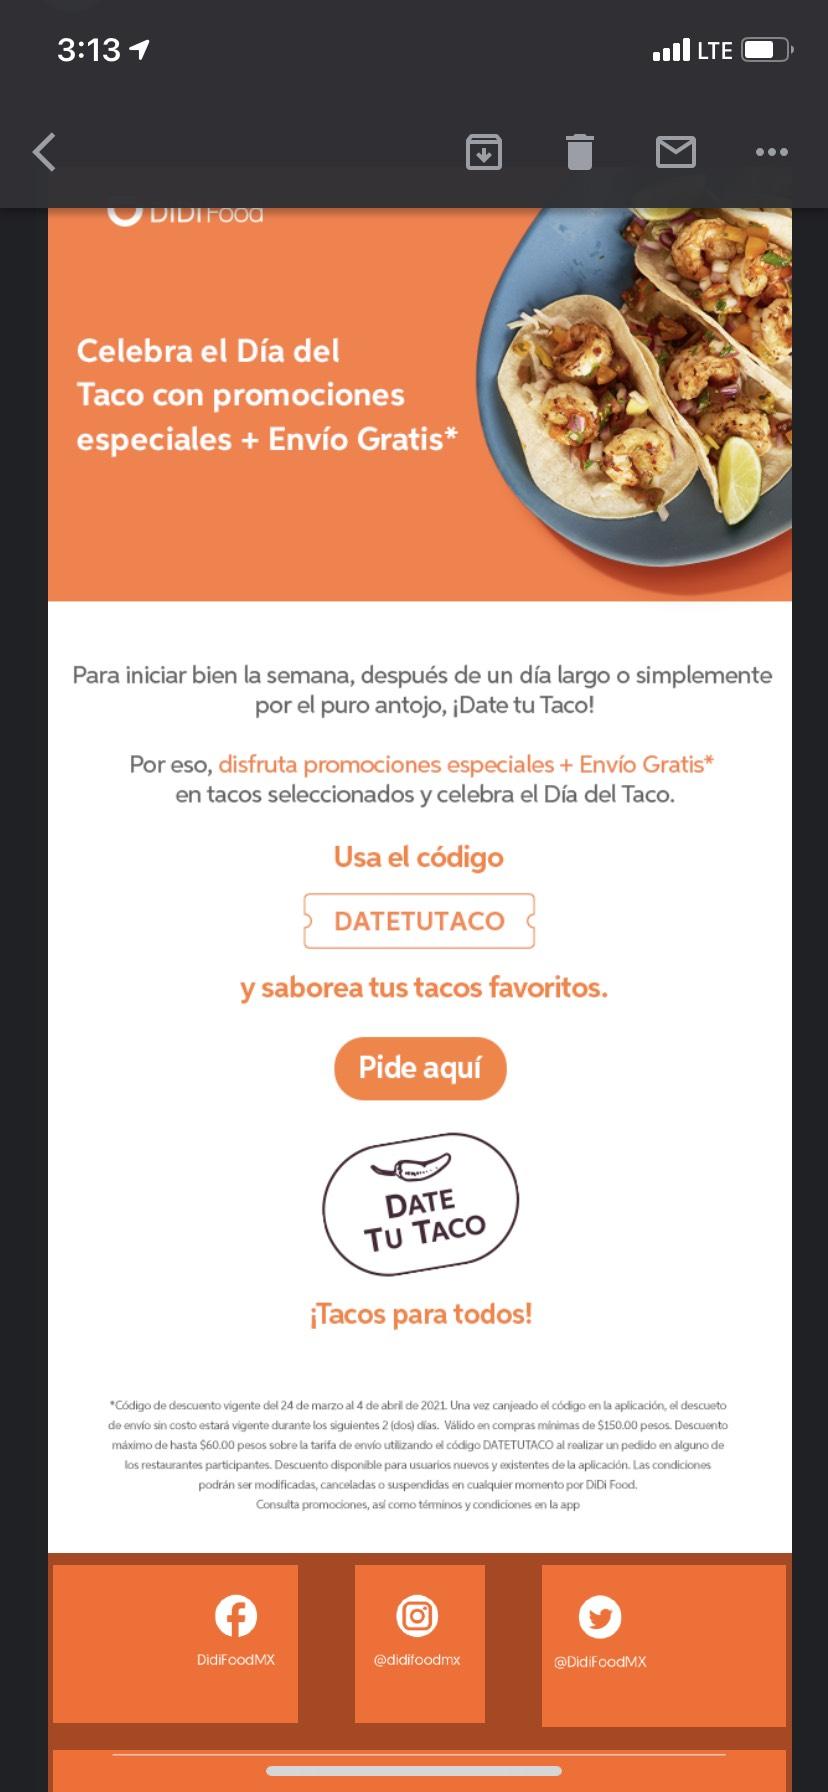 Descuento en DiDi Food compra mínima $150